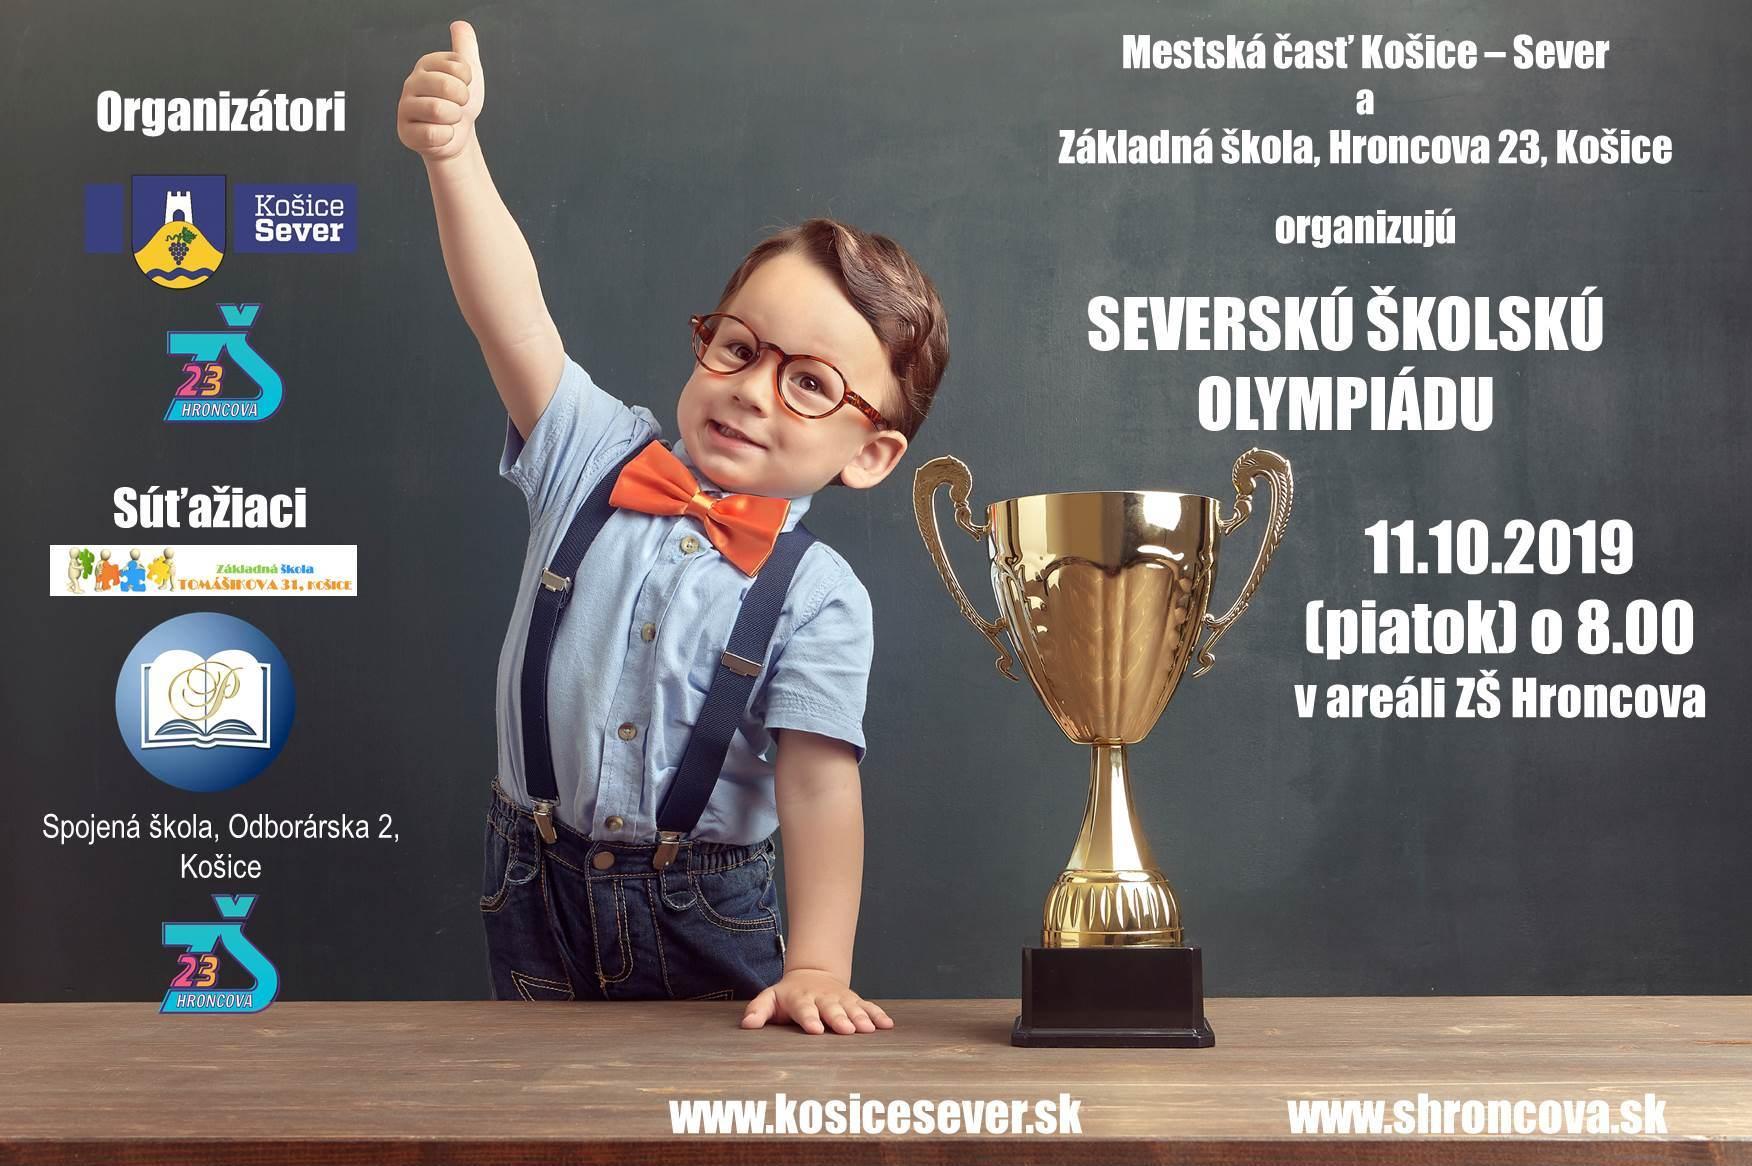 Severská školská olympiáda